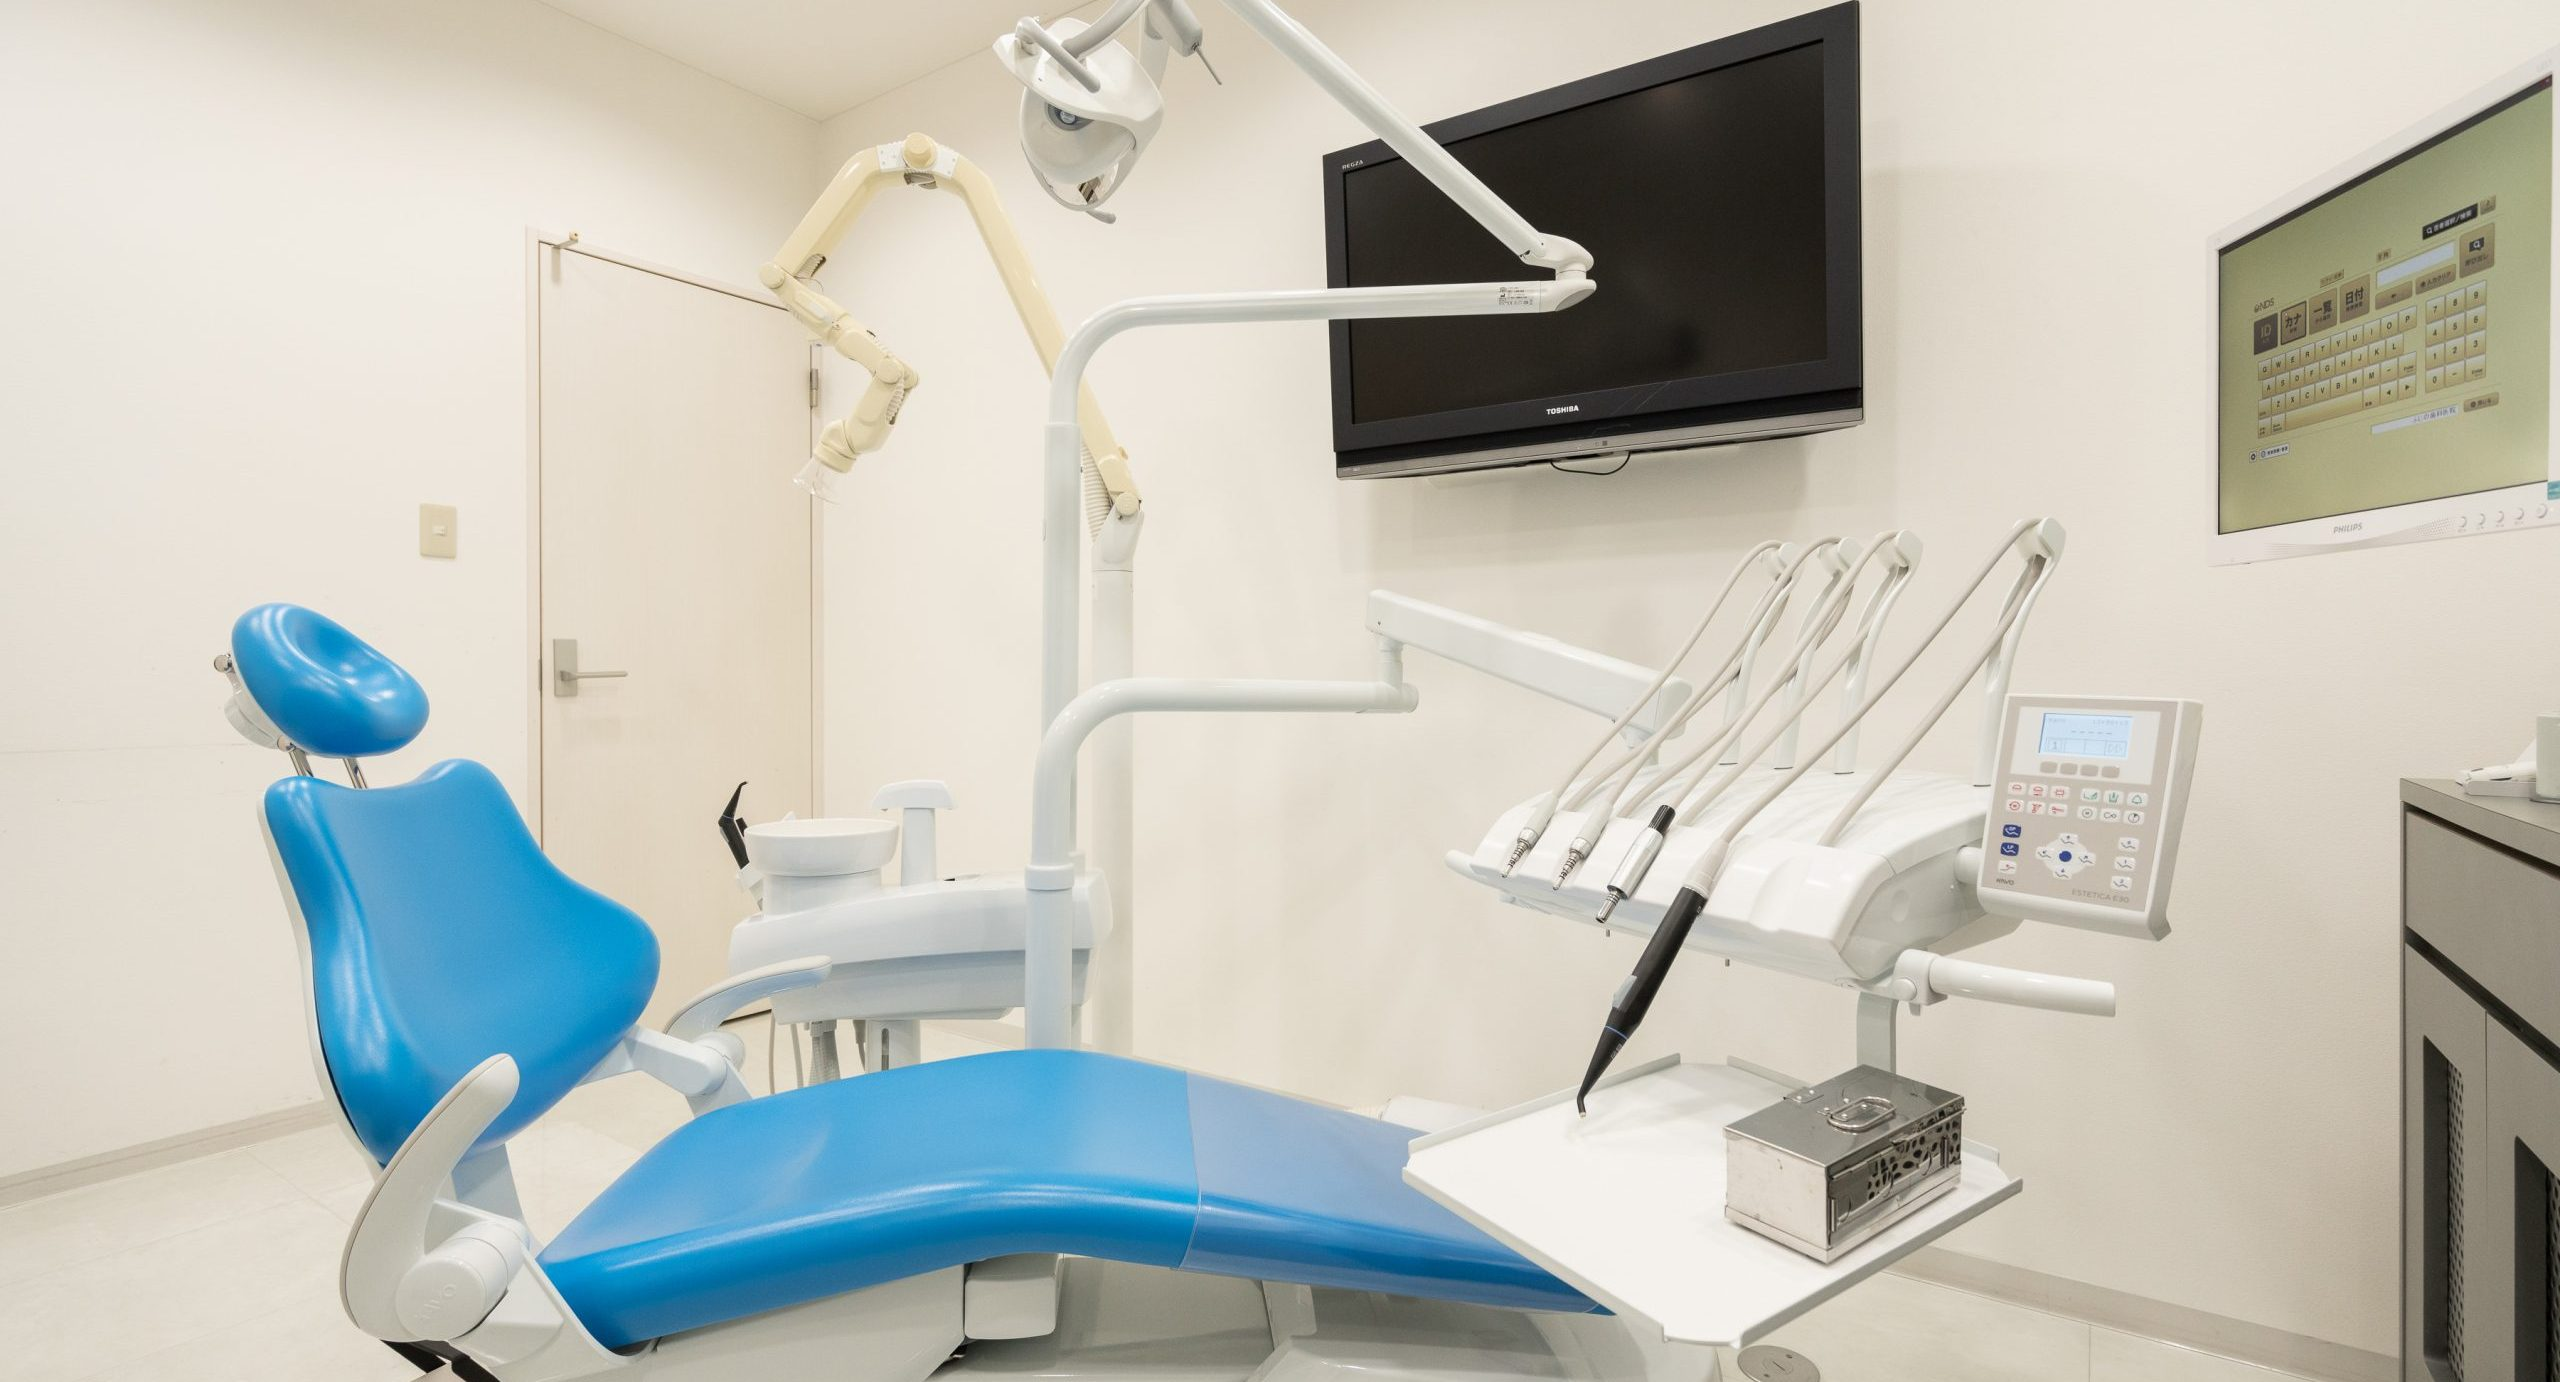 インプラント治療|盛岡市のふじの歯科医院